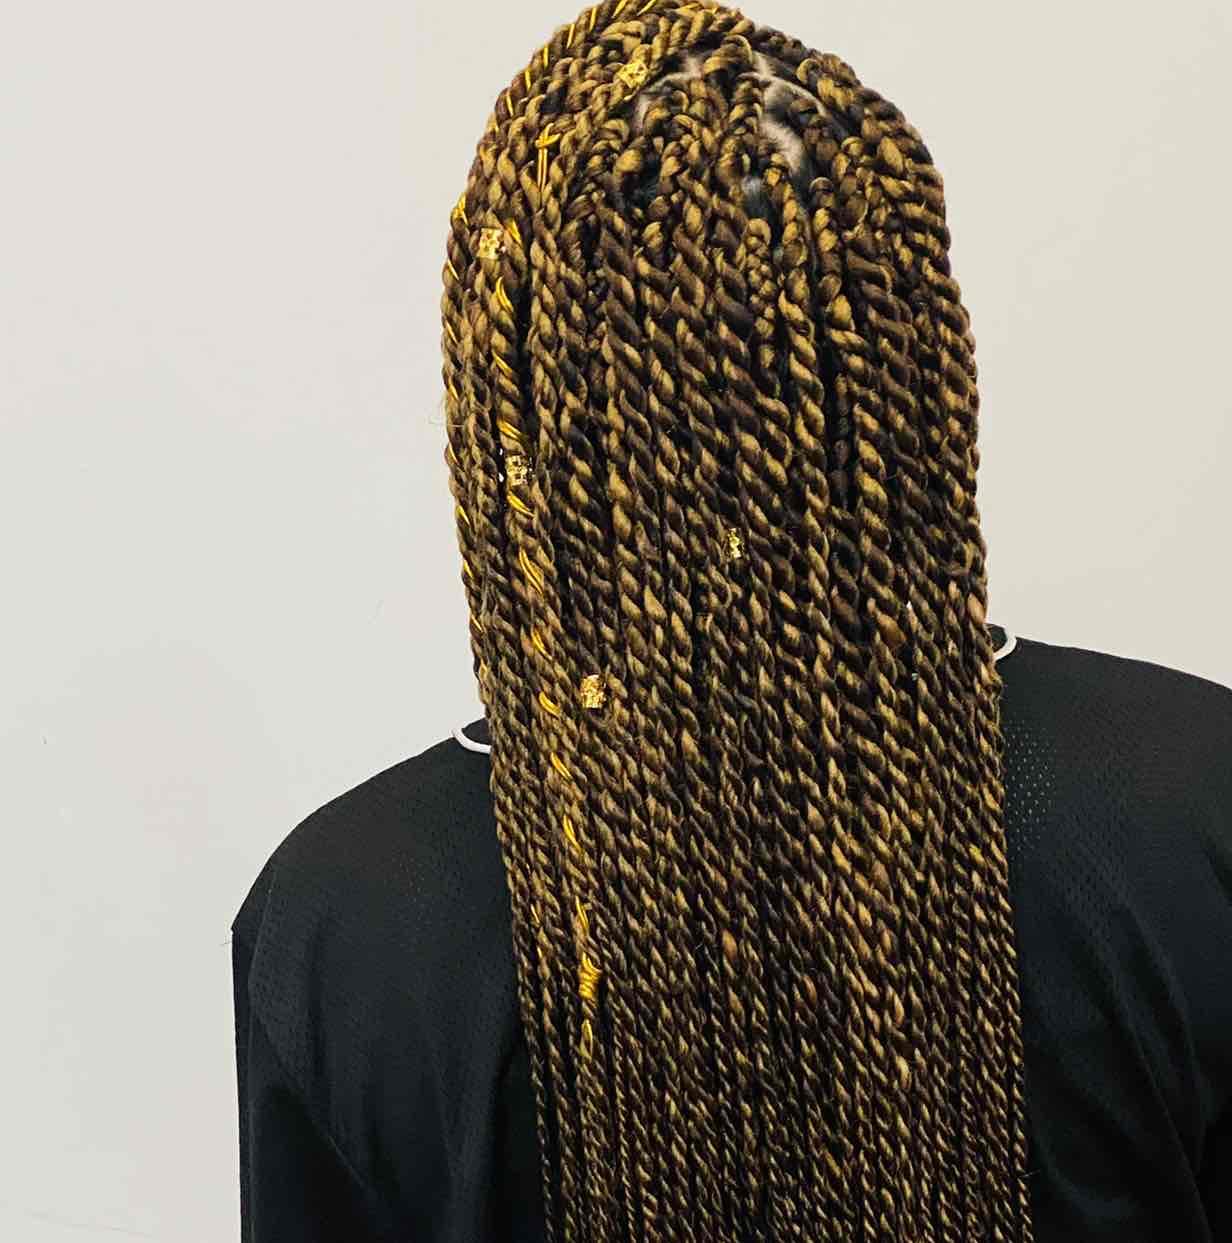 salon de coiffure afro tresse tresses box braids crochet braids vanilles tissages paris 75 77 78 91 92 93 94 95 ASDKOBBL